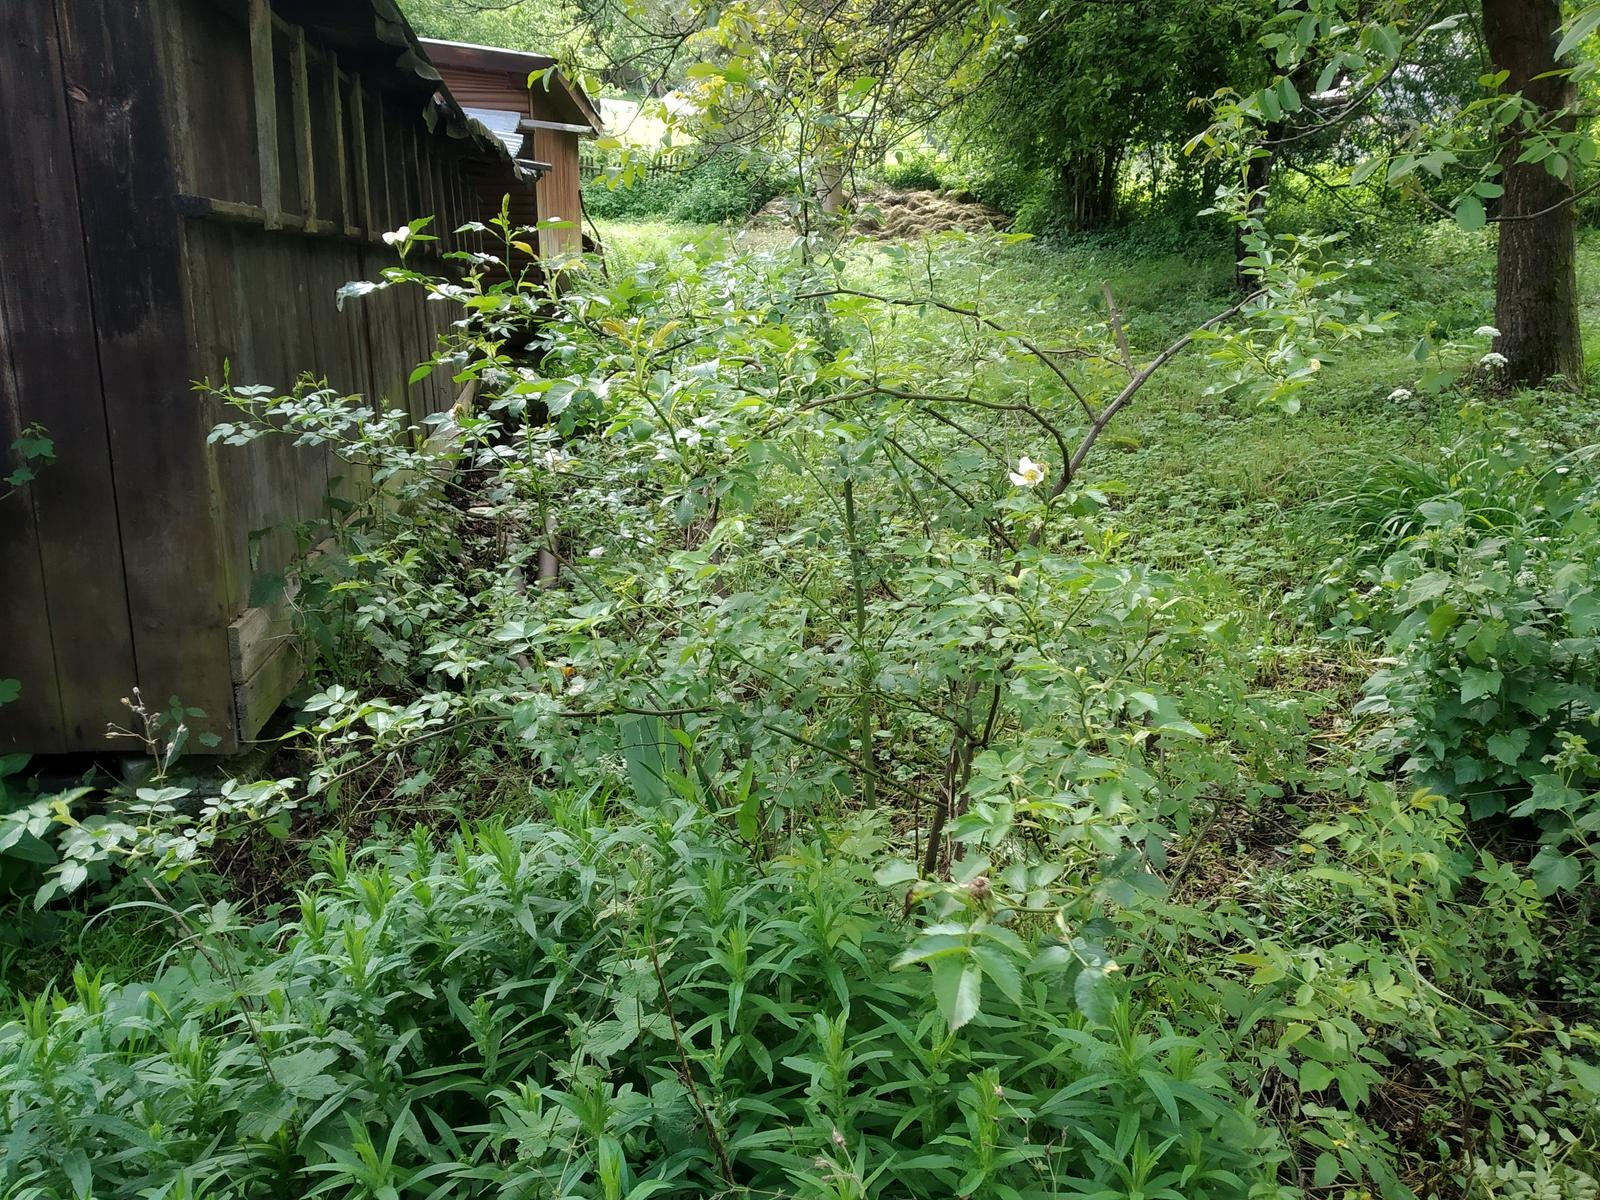 Babkina záhrada - Astrovka, vzadu šíp